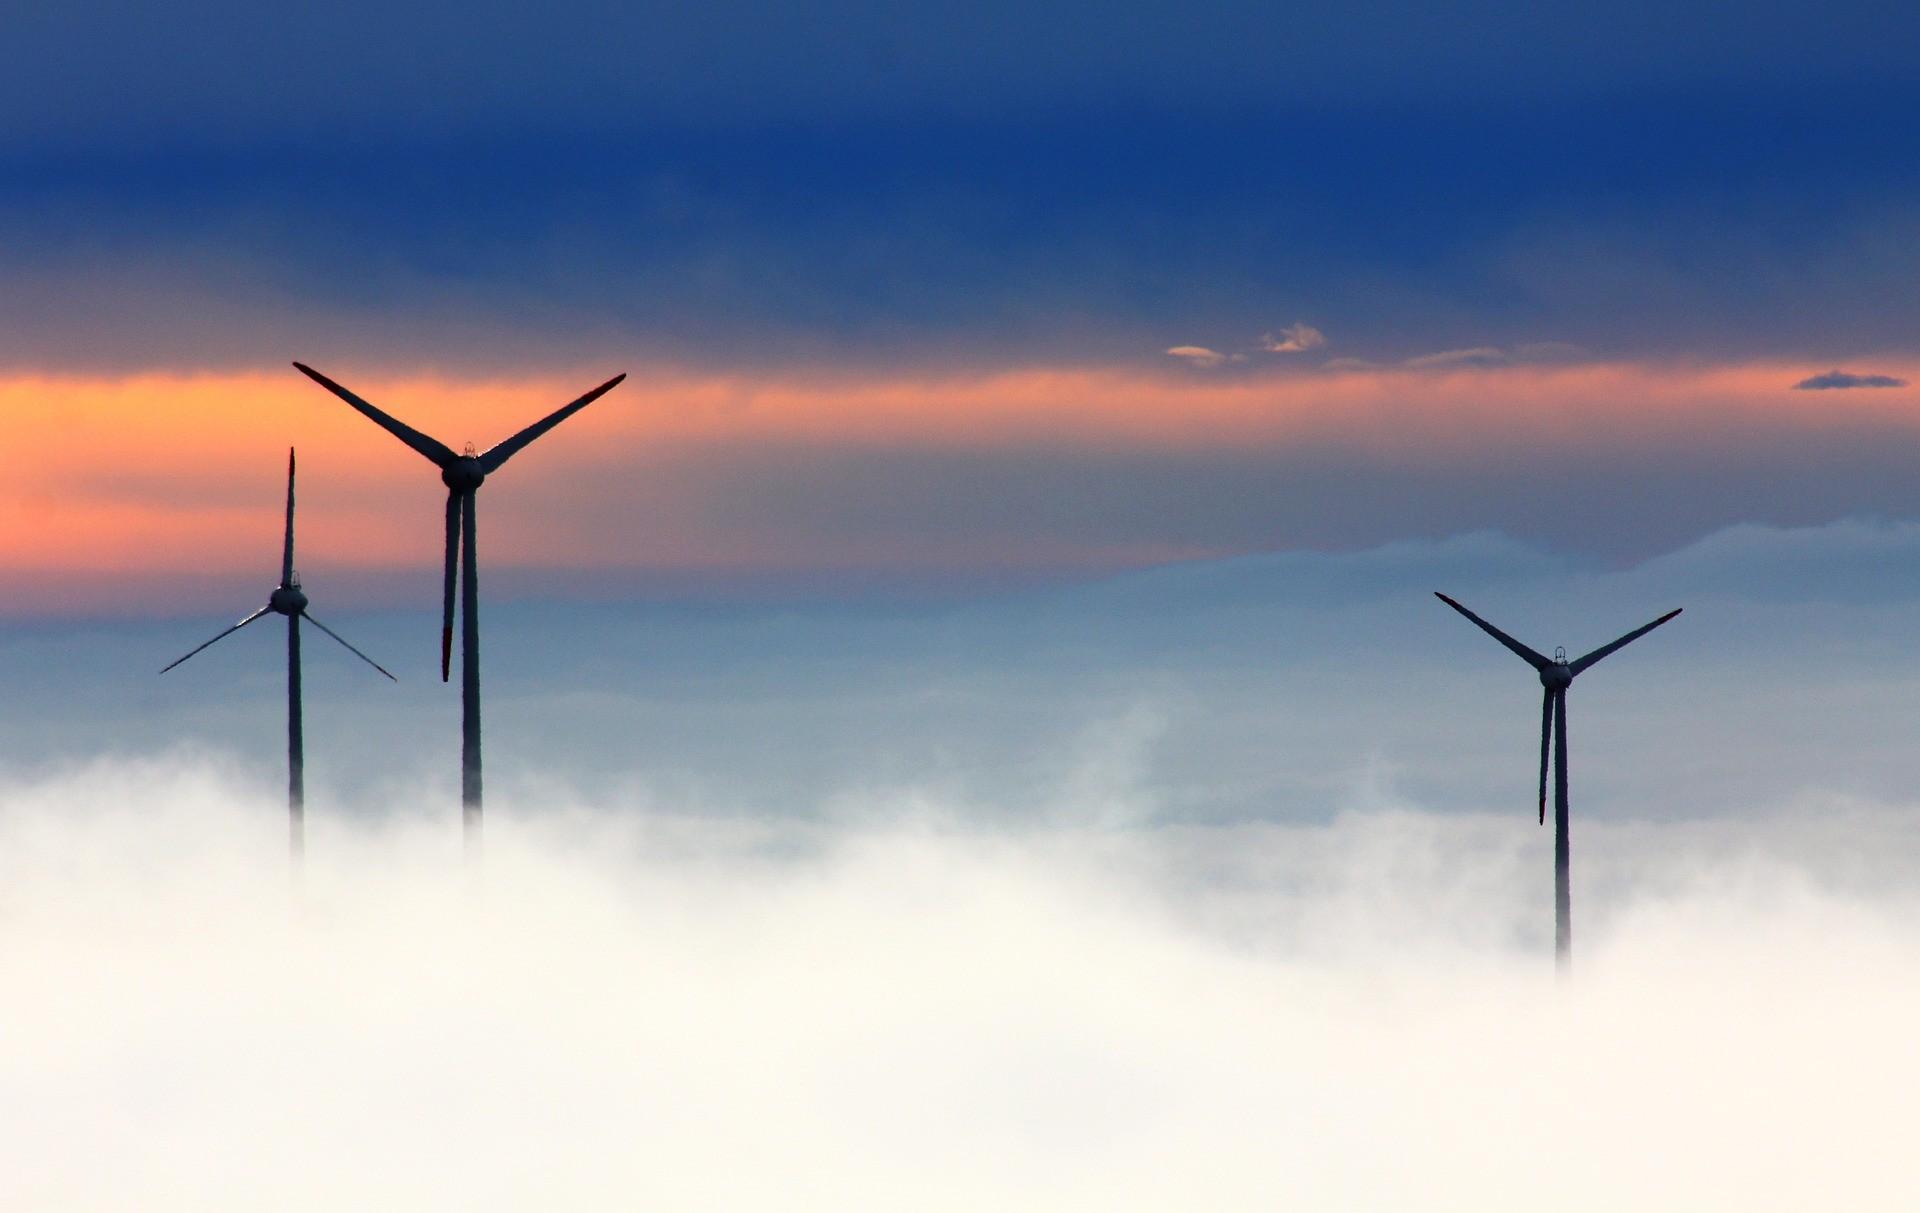 imagen sector energia